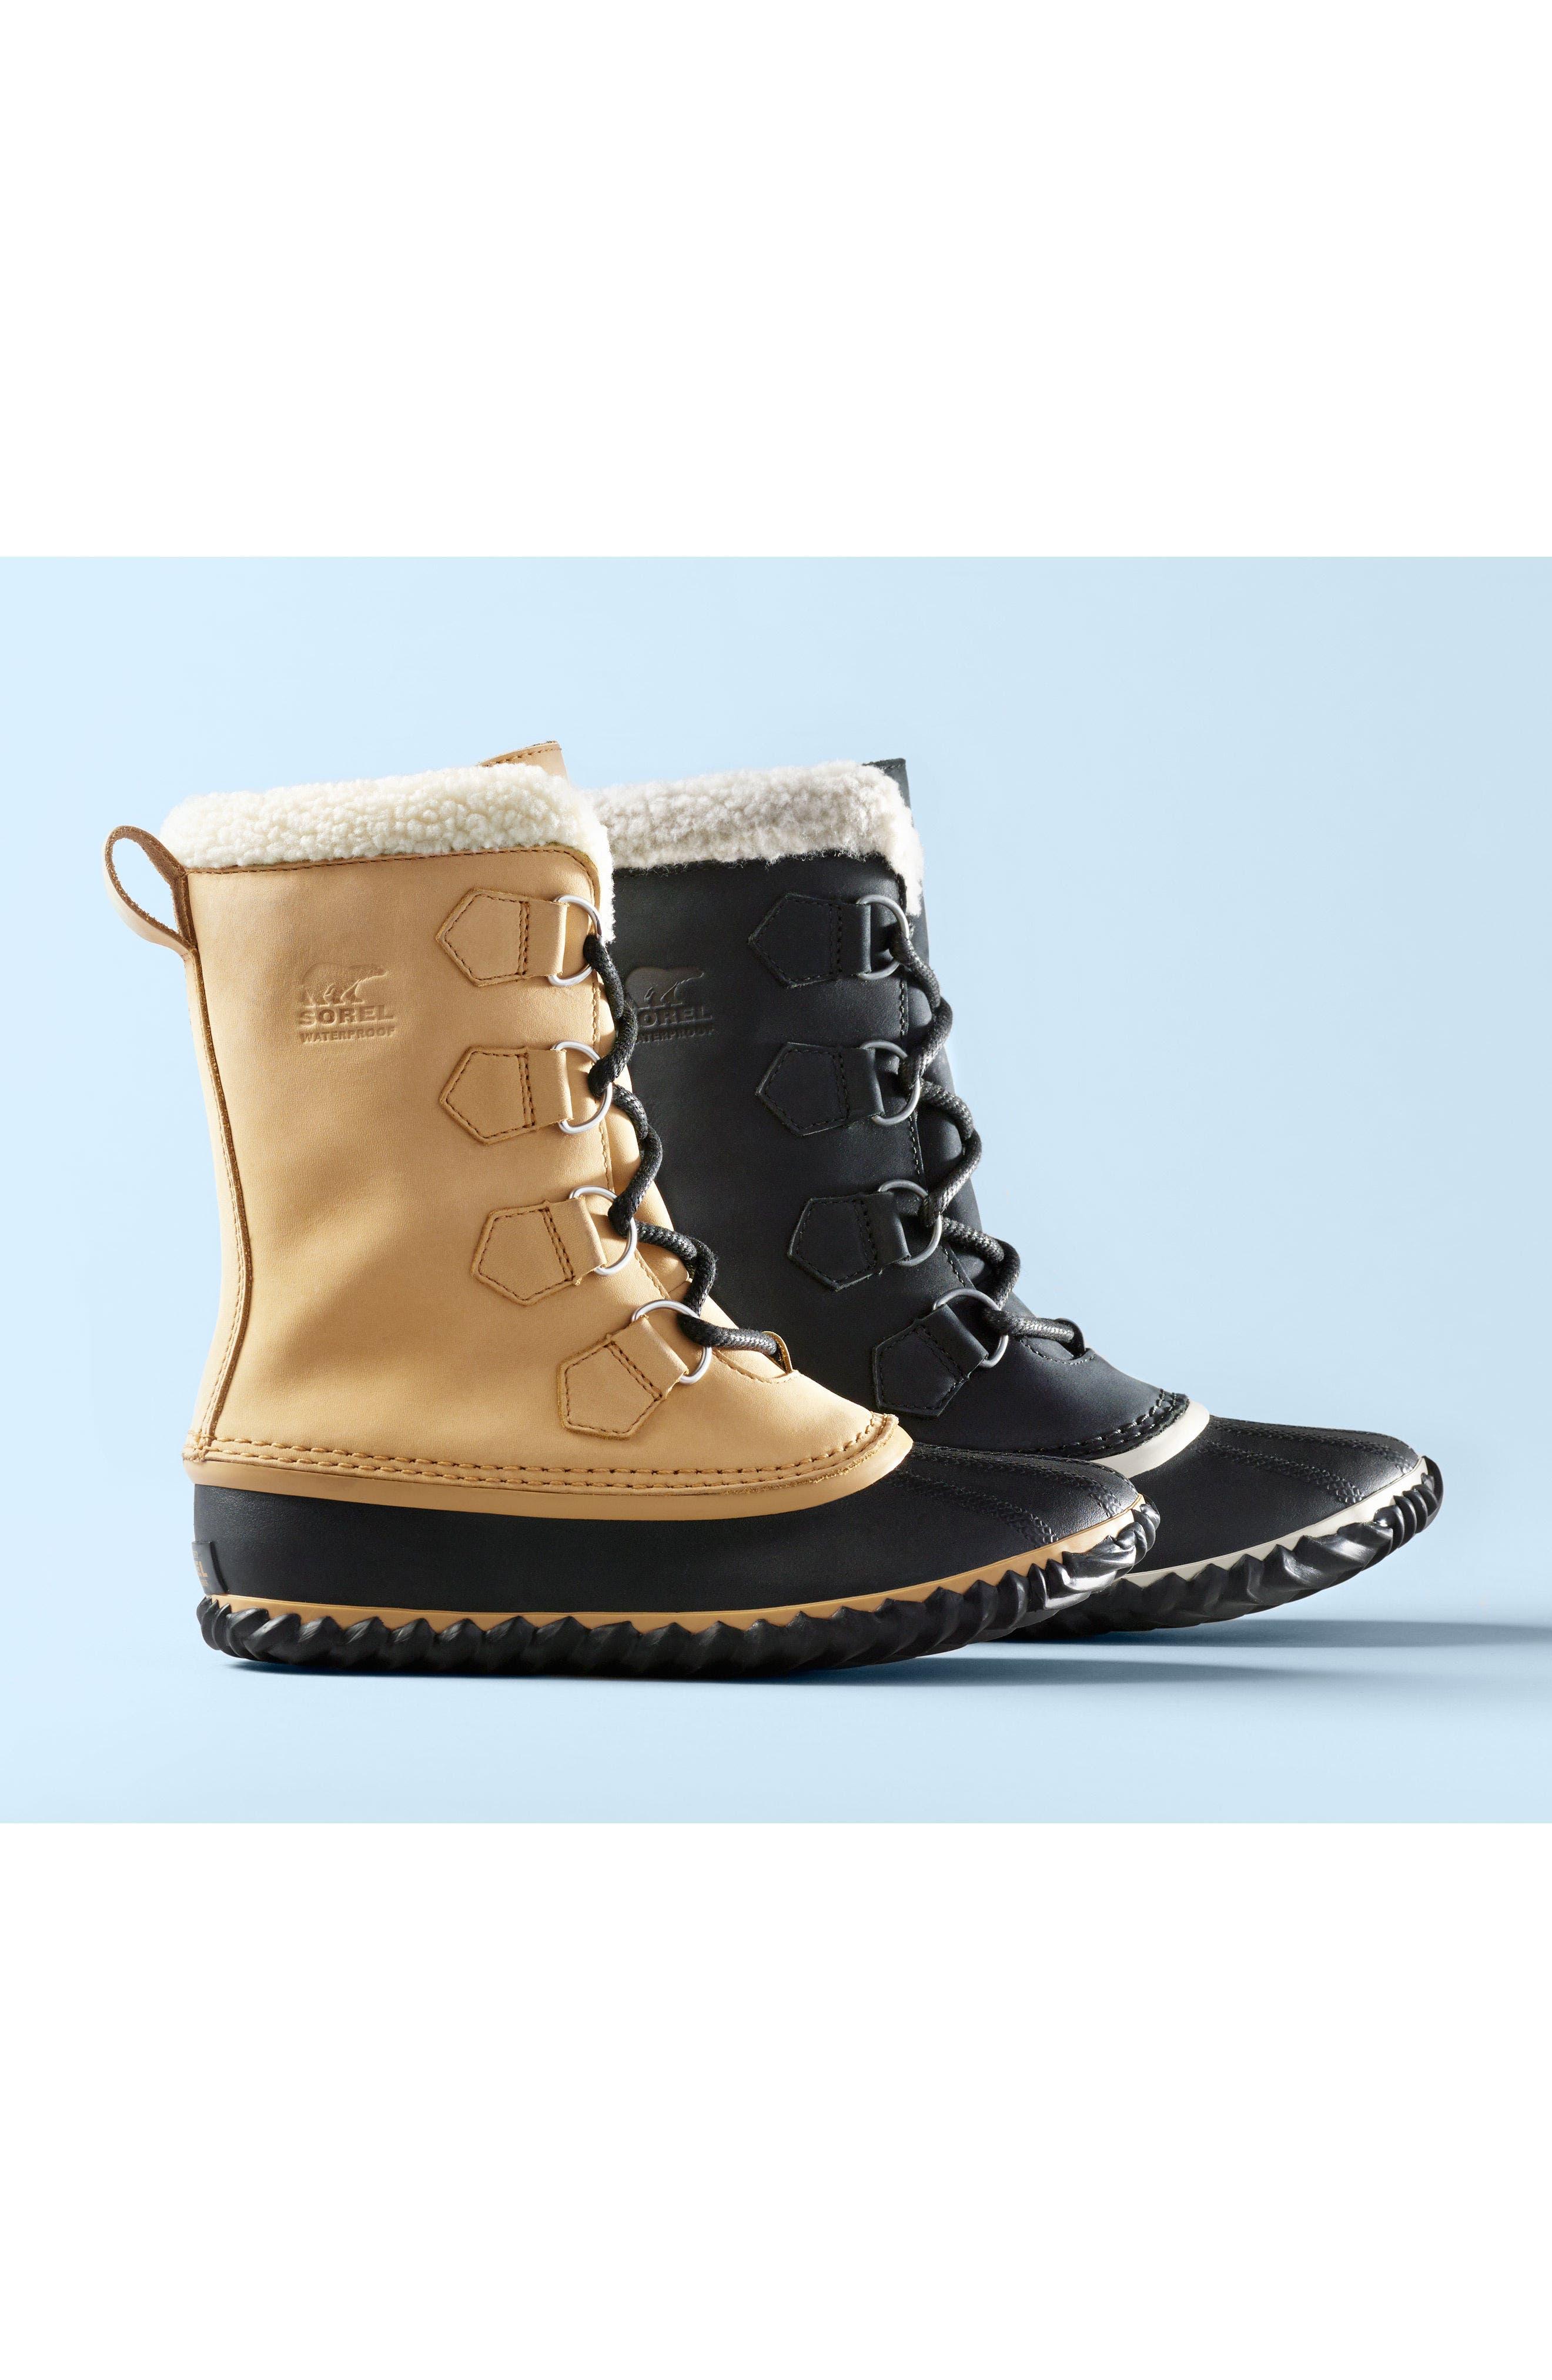 Caribou Slim Waterproof Boot,                             Alternate thumbnail 7, color,                             010